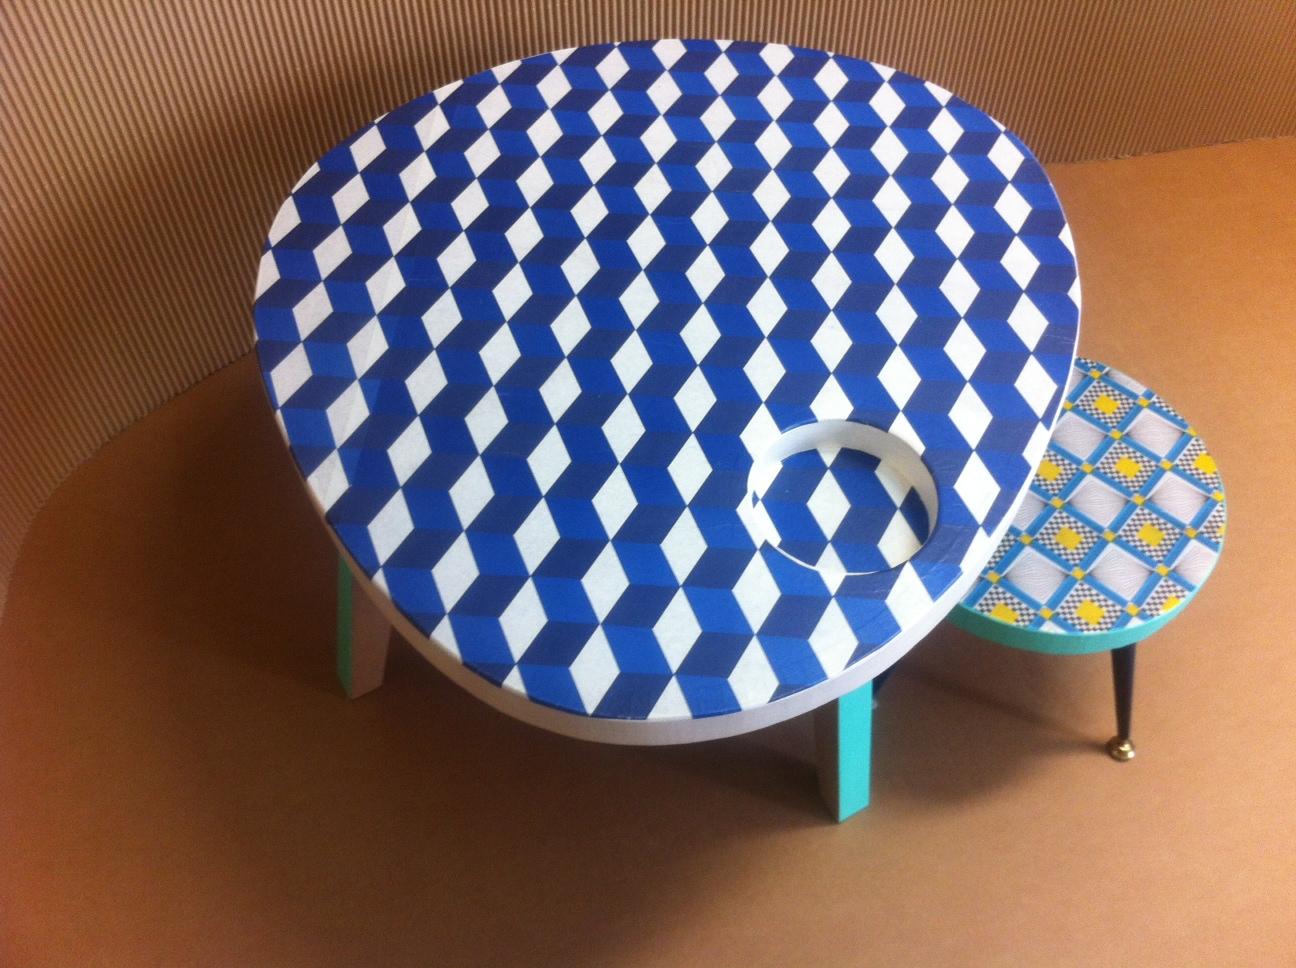 La table basse juliadesign se décline avec motifs géométriques, impressions en sérigraphie, pieds en carton, métal ou bois.  Un design simple et fonctionnel pour le plaisir de votre salon. Du sur-mesure fabriqué à Marseille / atelier Spritz.